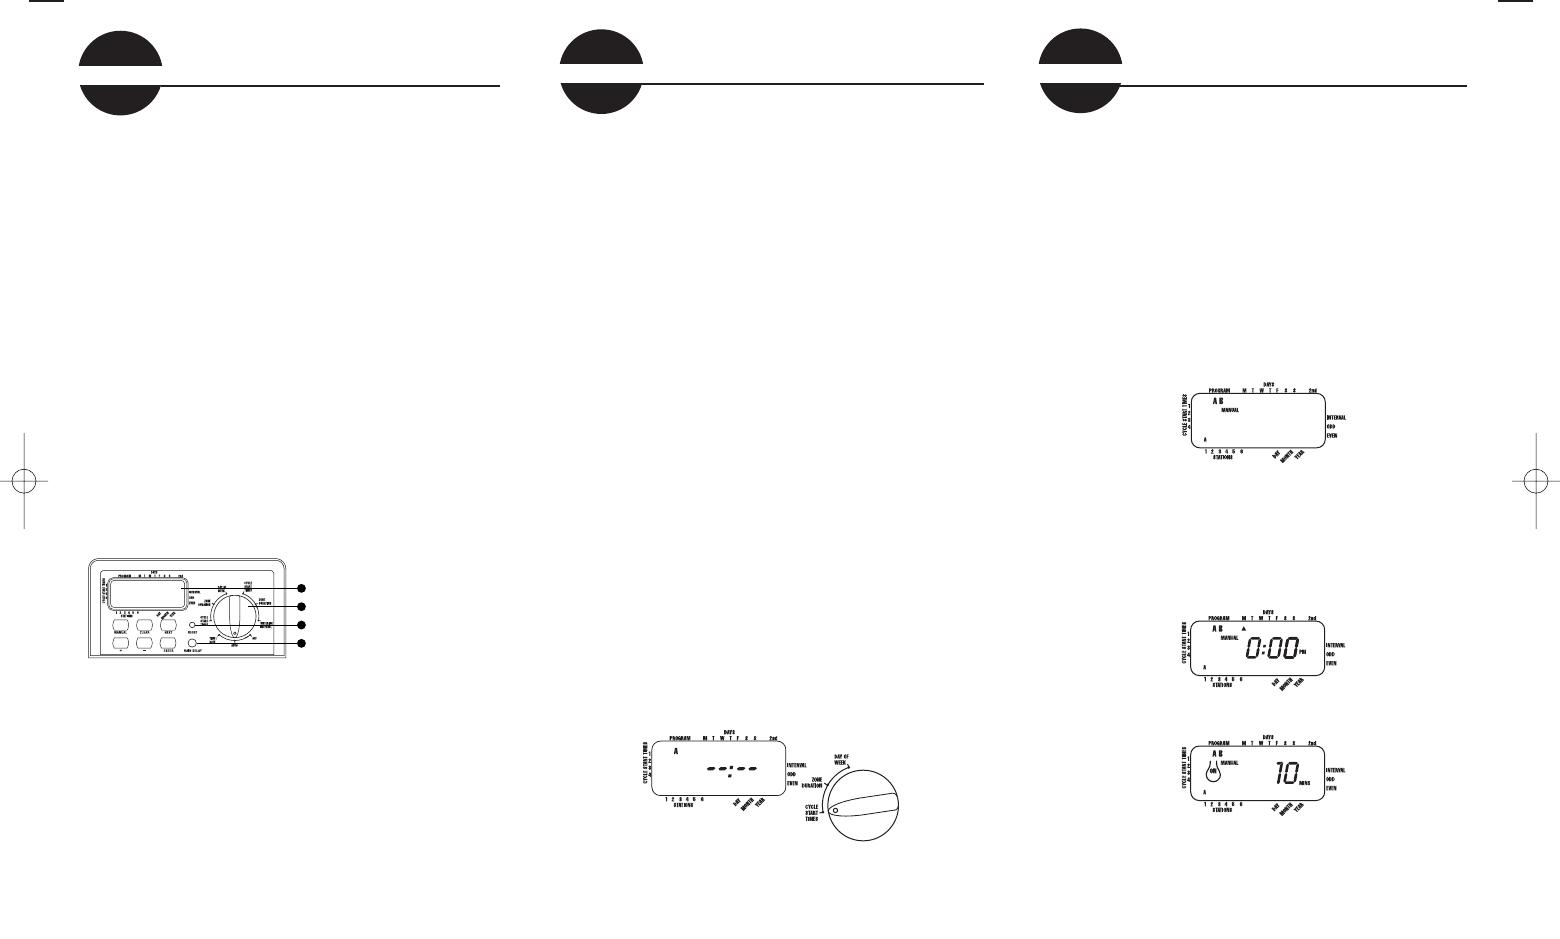 Manuale Orbit WaterMaster 94126 (6 pagine)